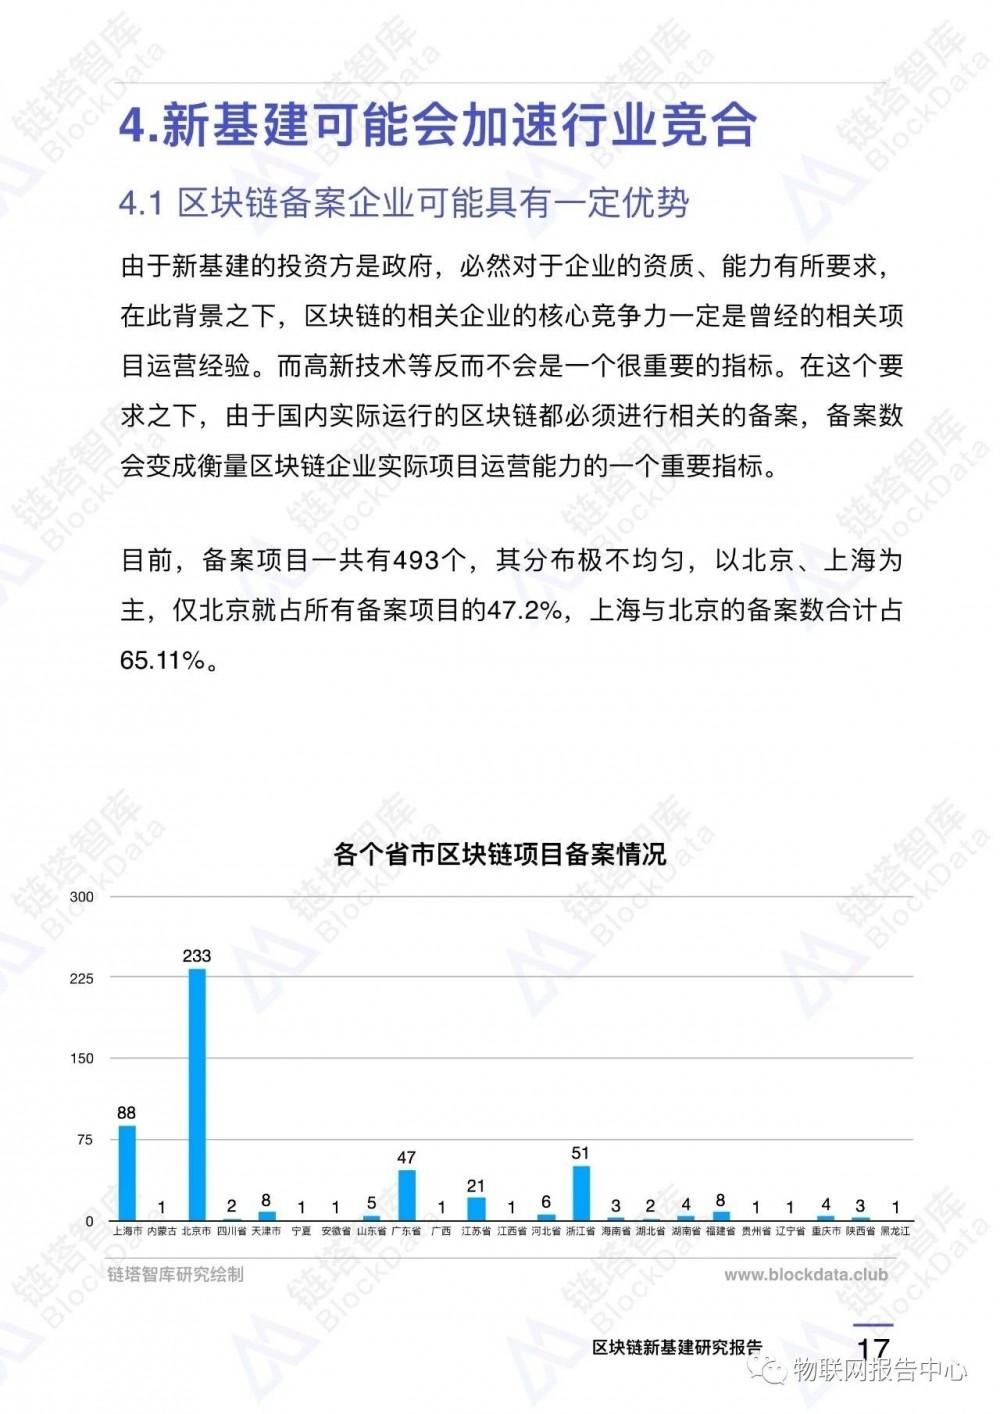 区块链应用之九:中国新基建区块链重点项目配图(20)